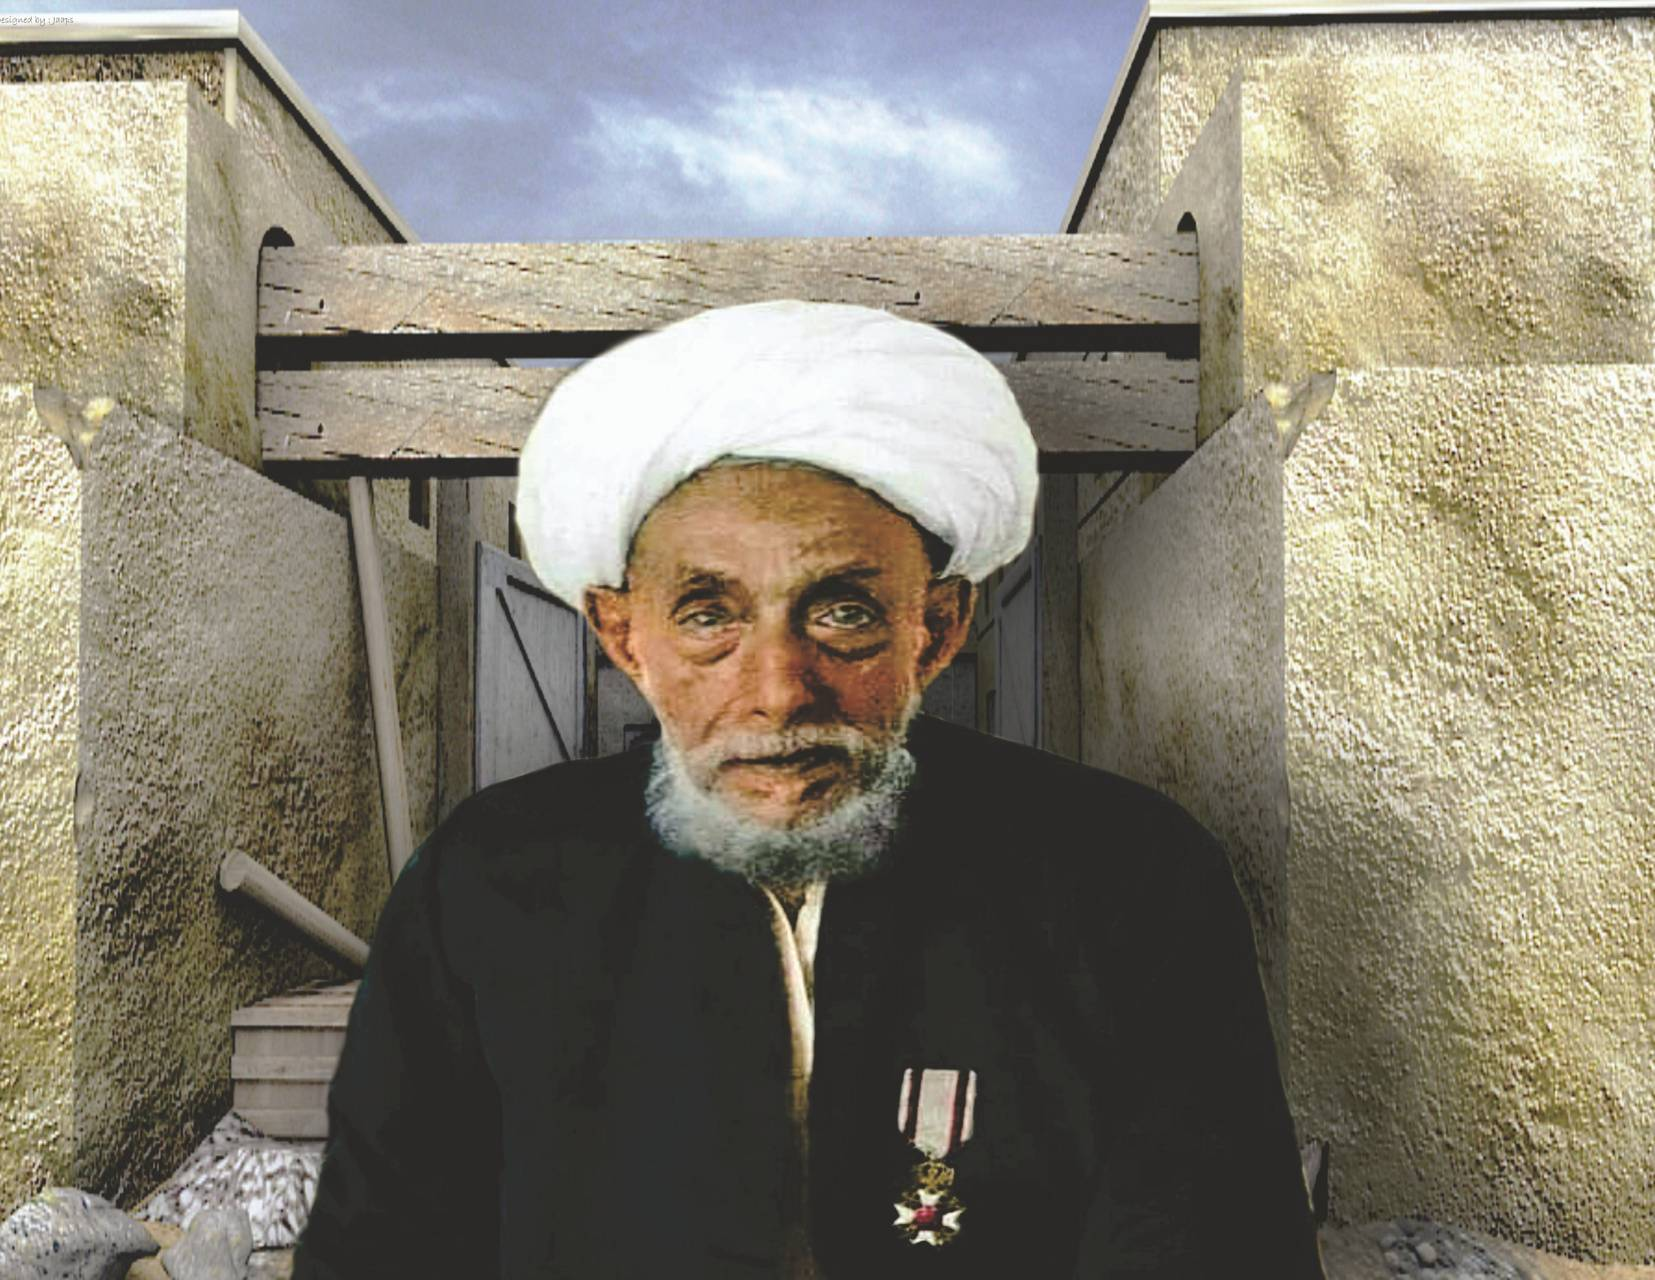 Hb Usman bin yahya